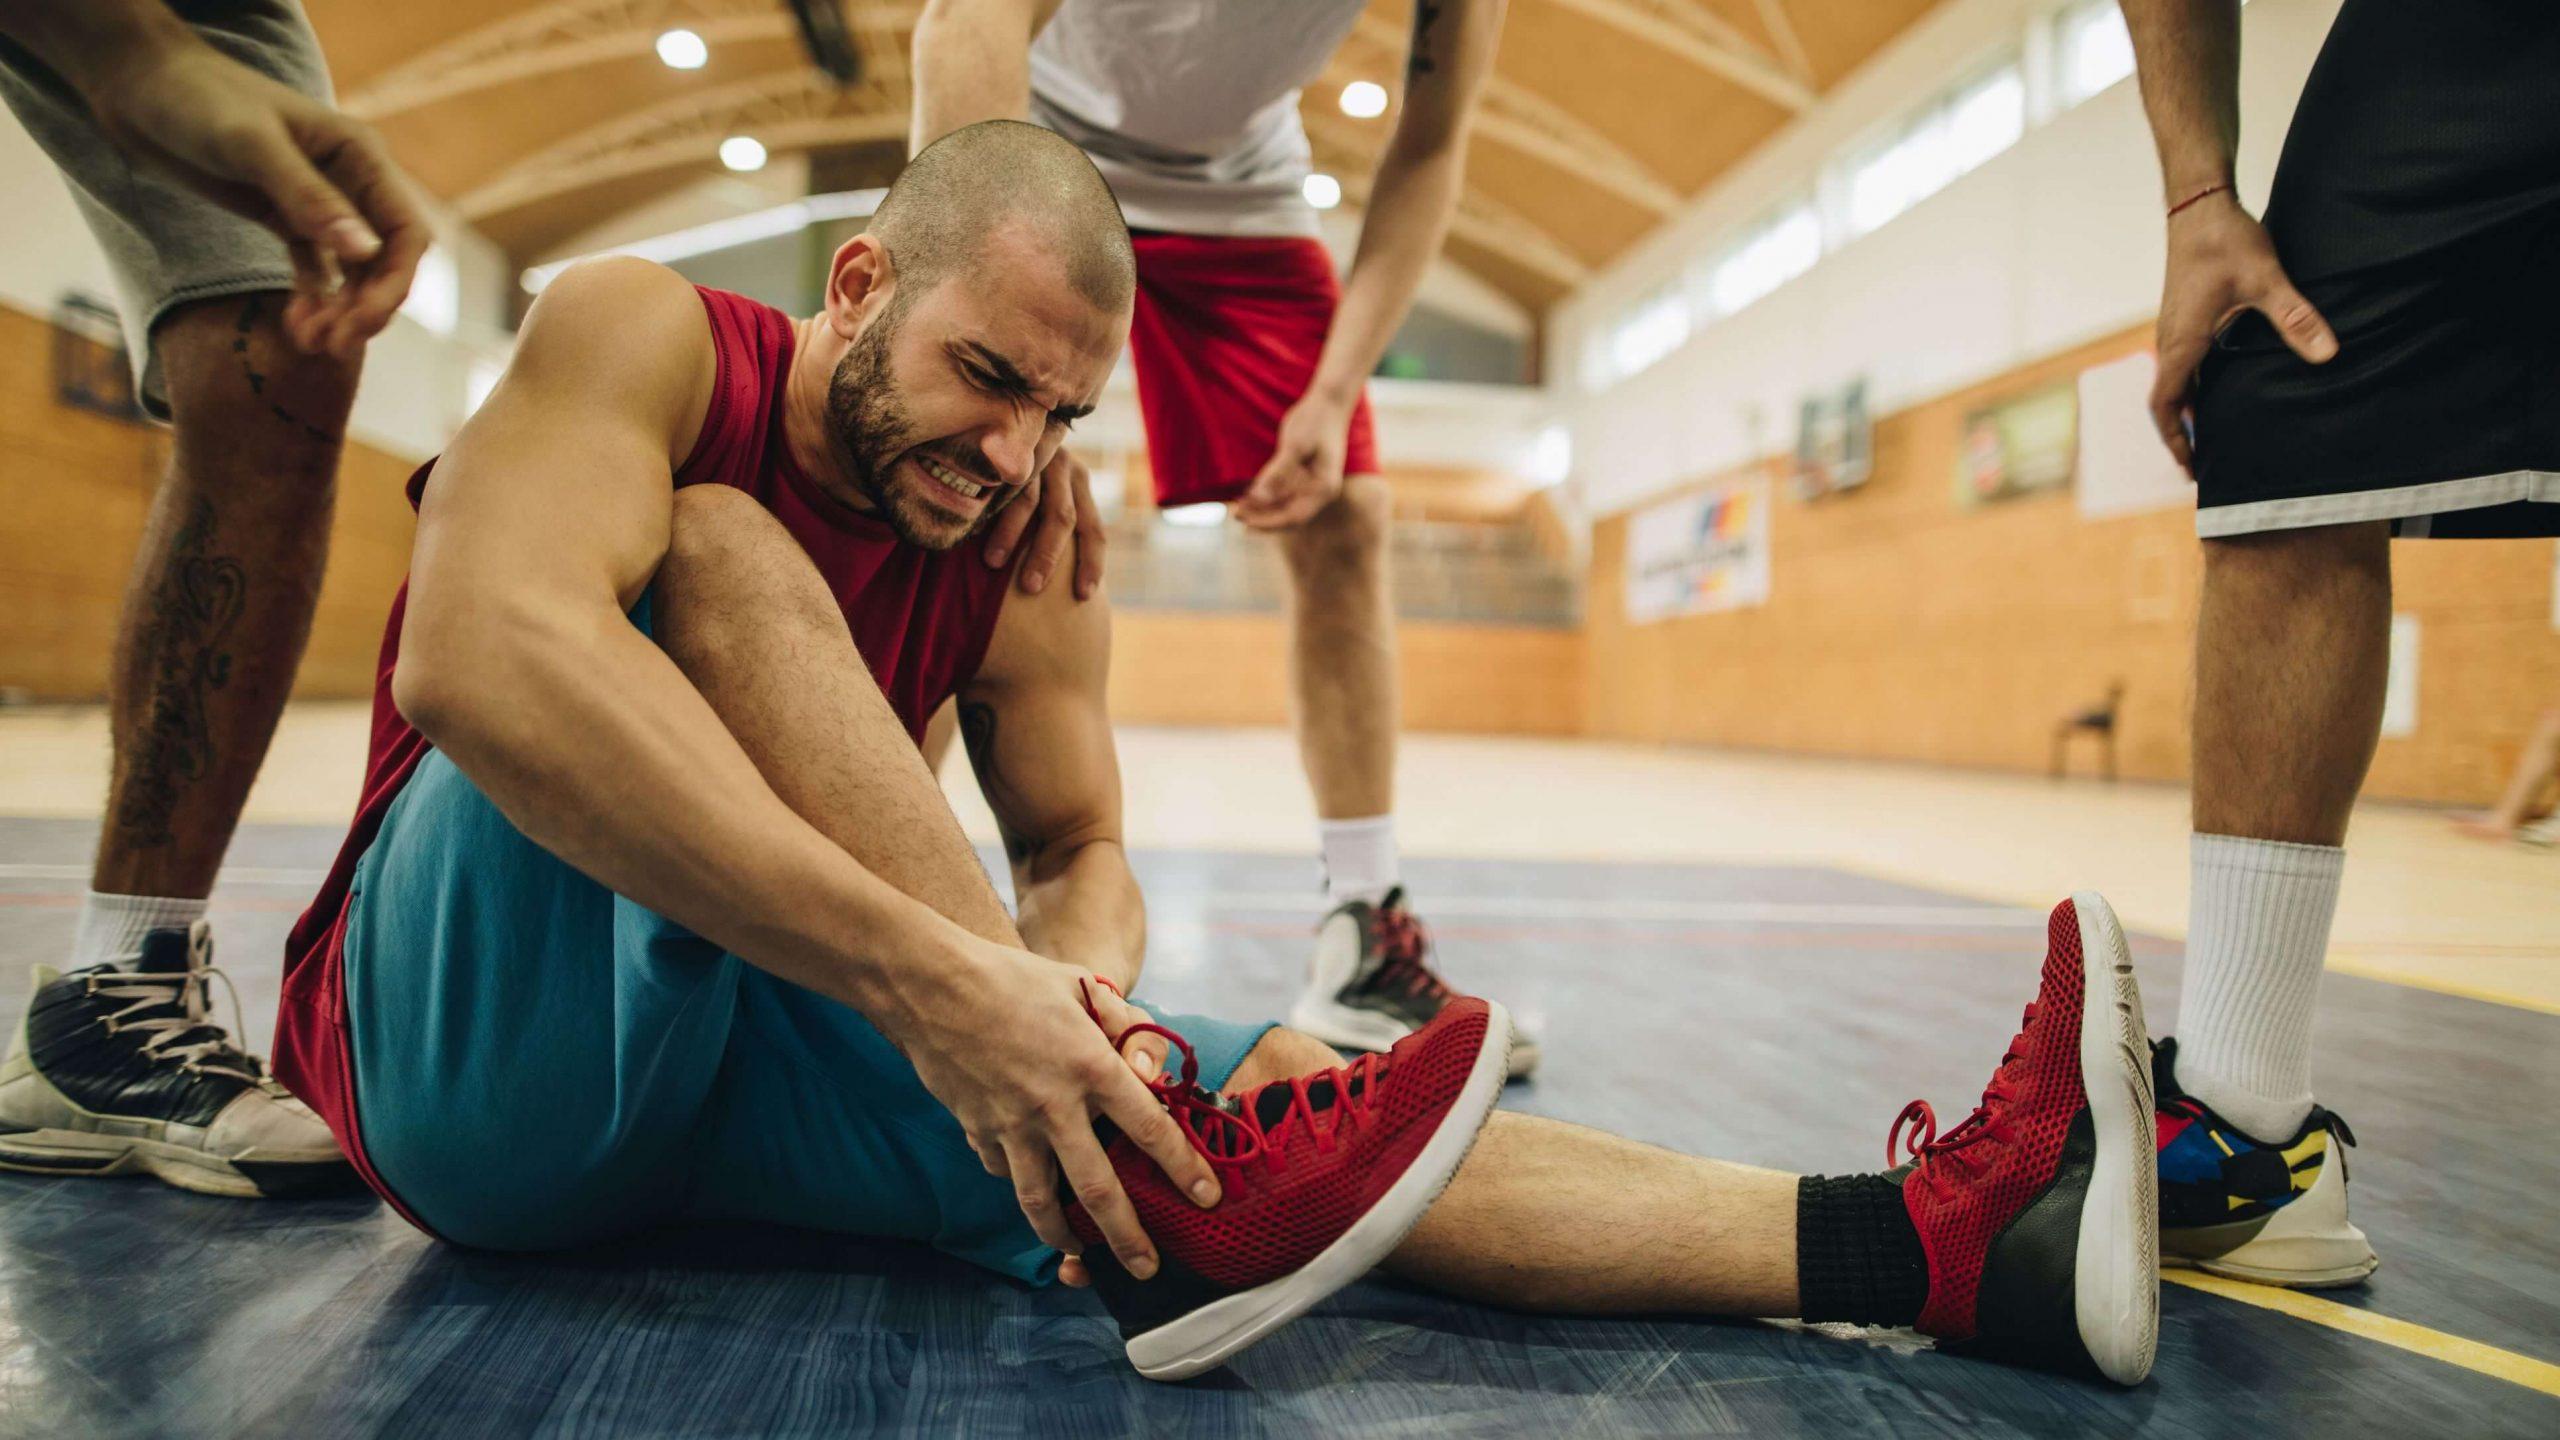 Bị lật cổ chân khi chơi bóng rổ thì chữa trị như thế nào?